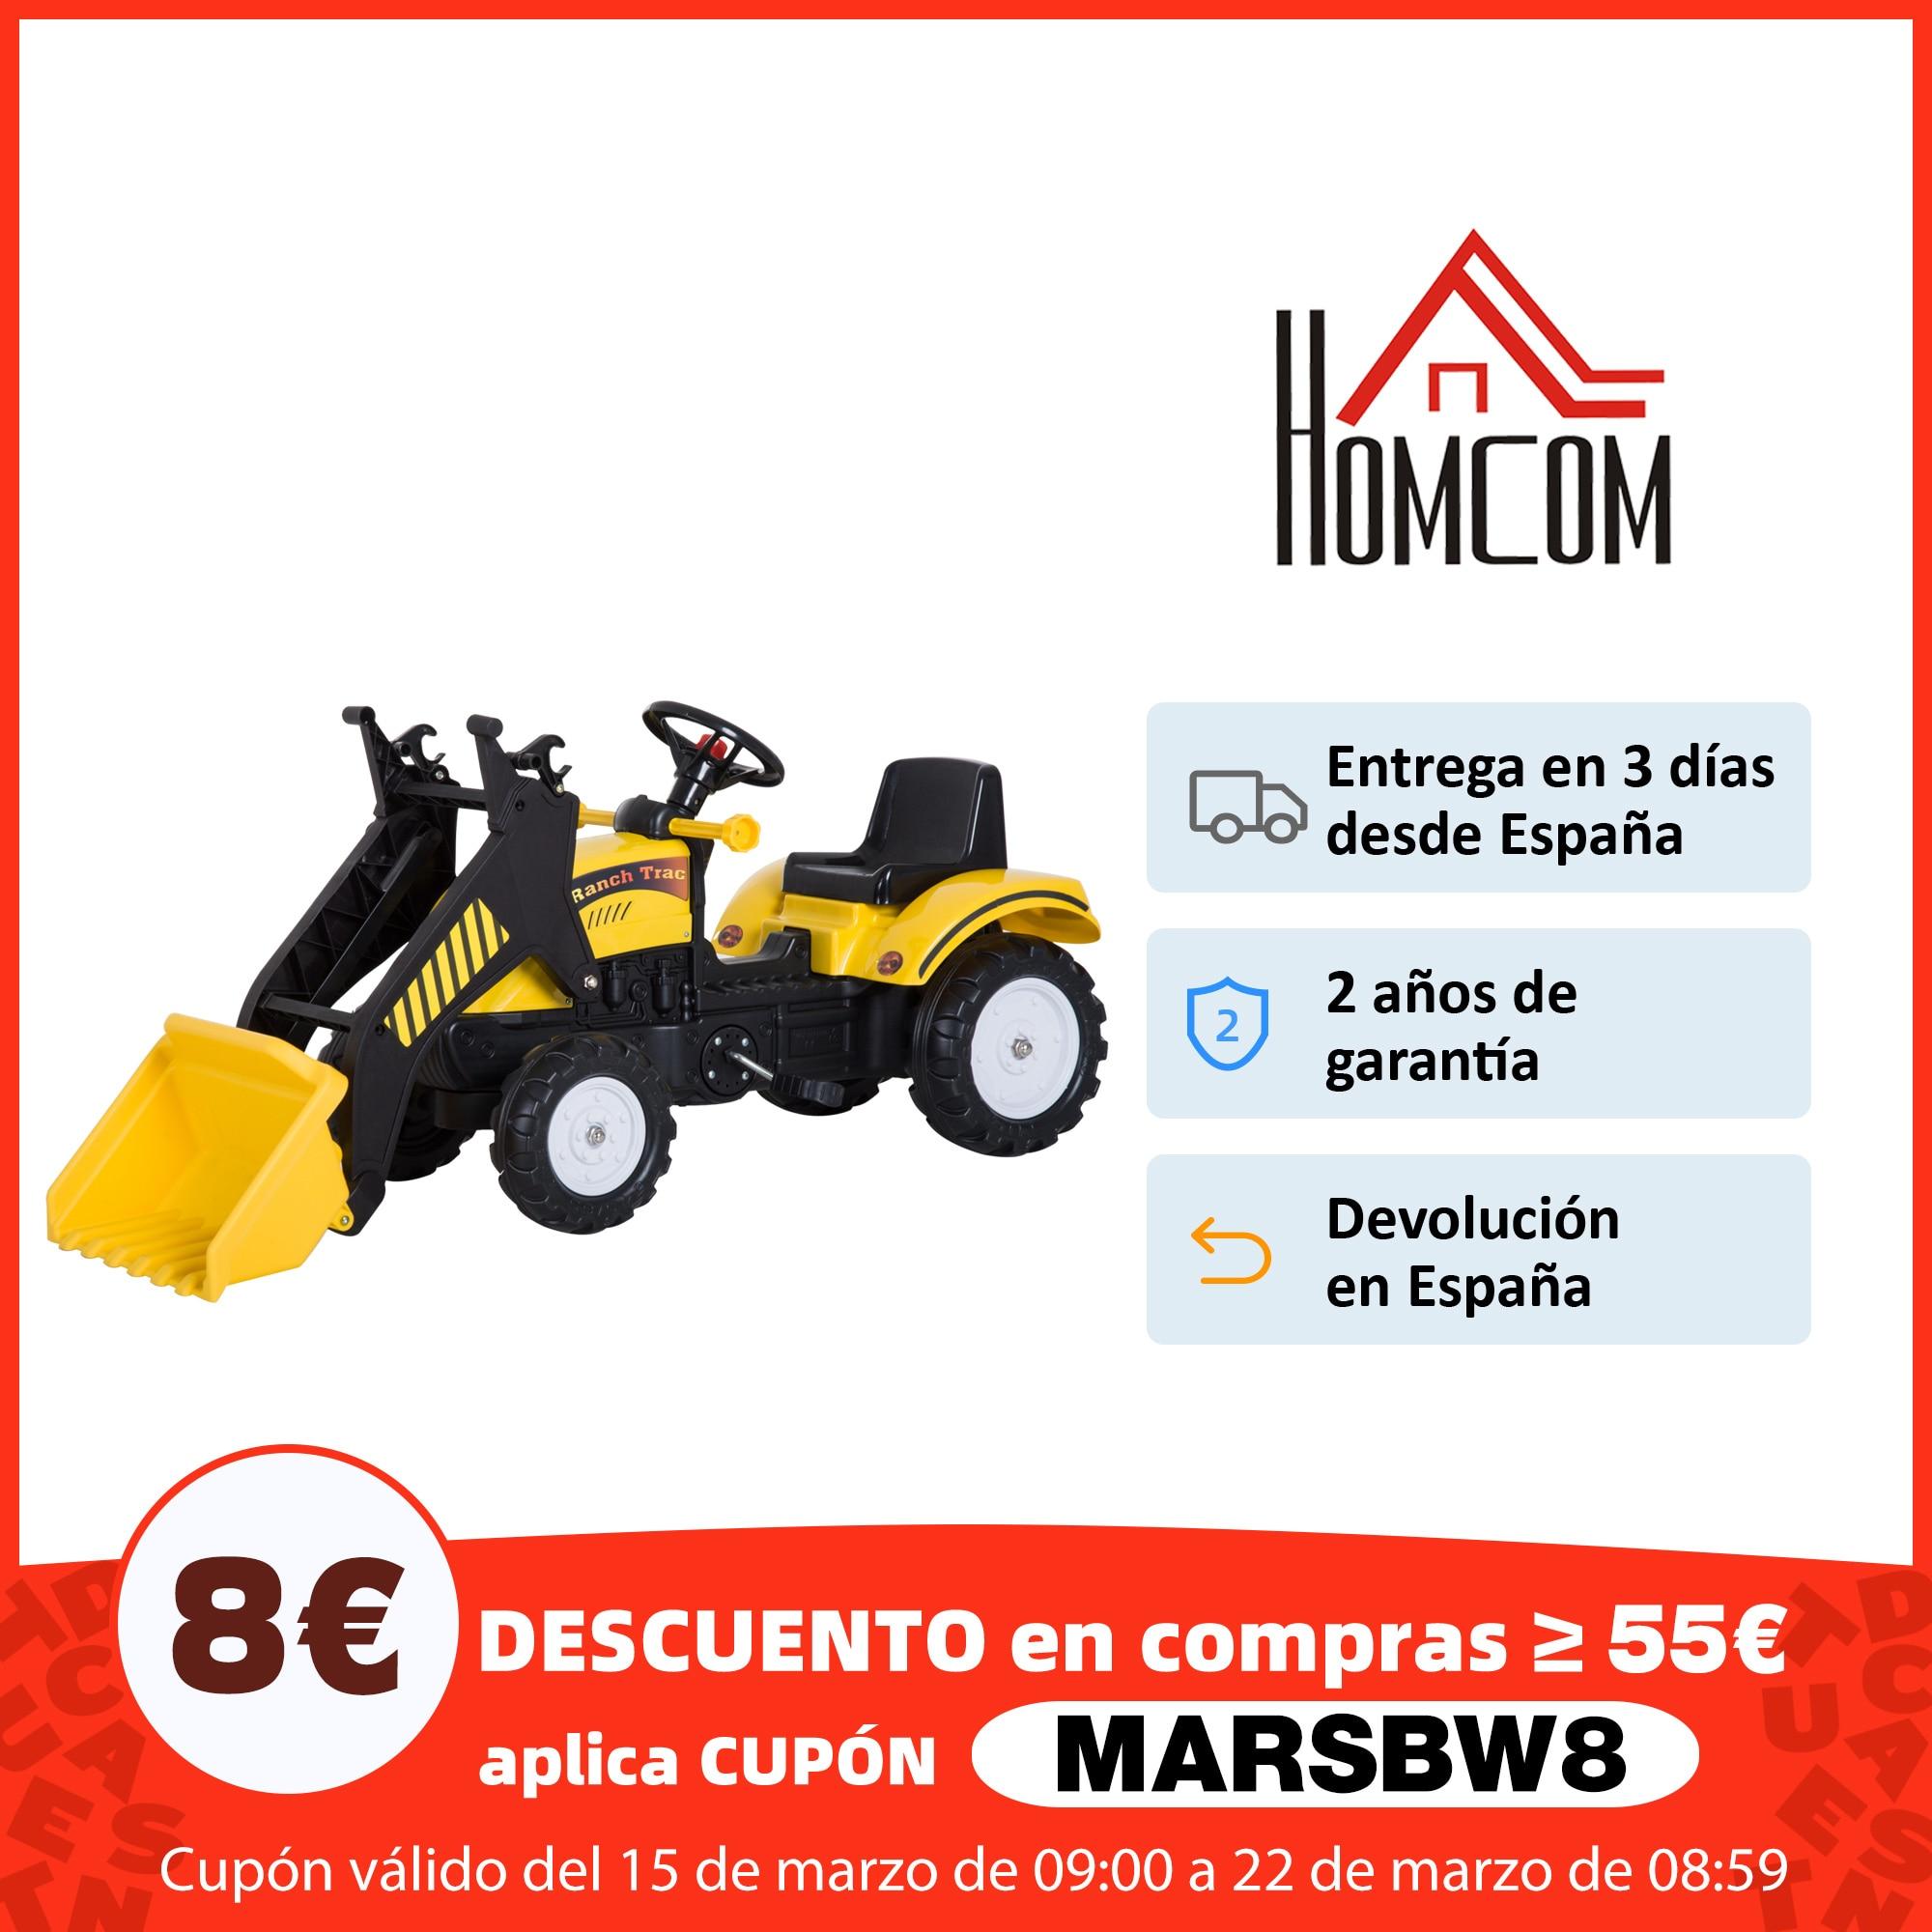 HOMCOM Tractor Pedal Excavadora Camión + Pala Delantera para Niños 3 6 Años Juguete de Montar Coche Pedales 114x41x52cm Coches para montarse  - AliExpress